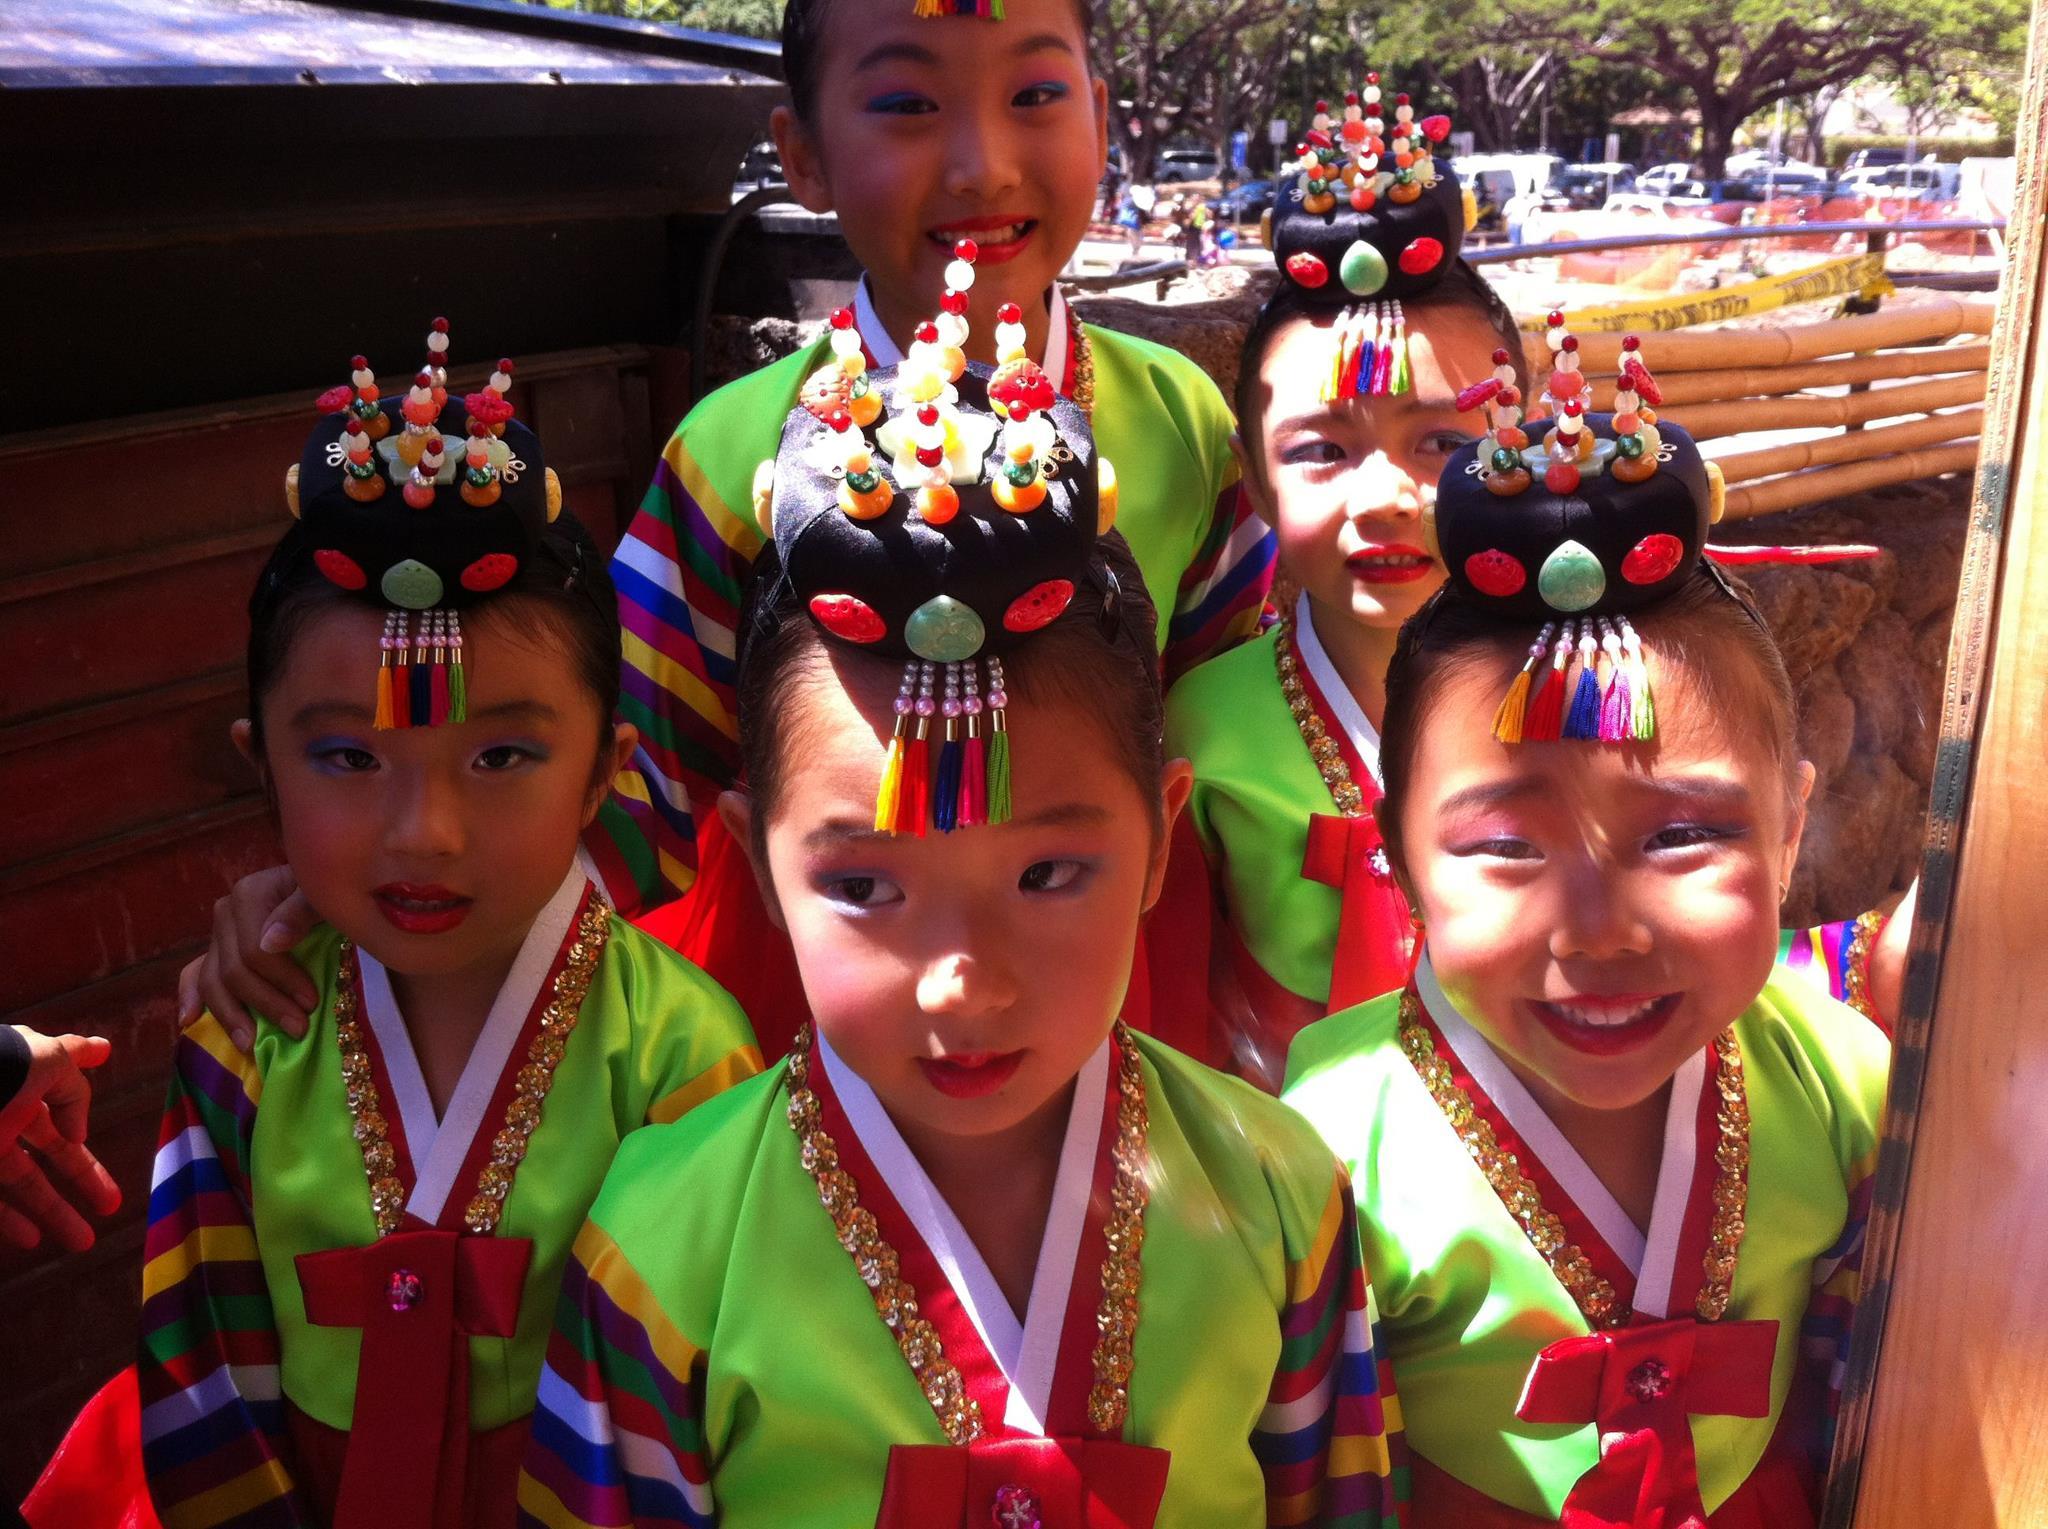 11th Annual Korean Festival - 2012